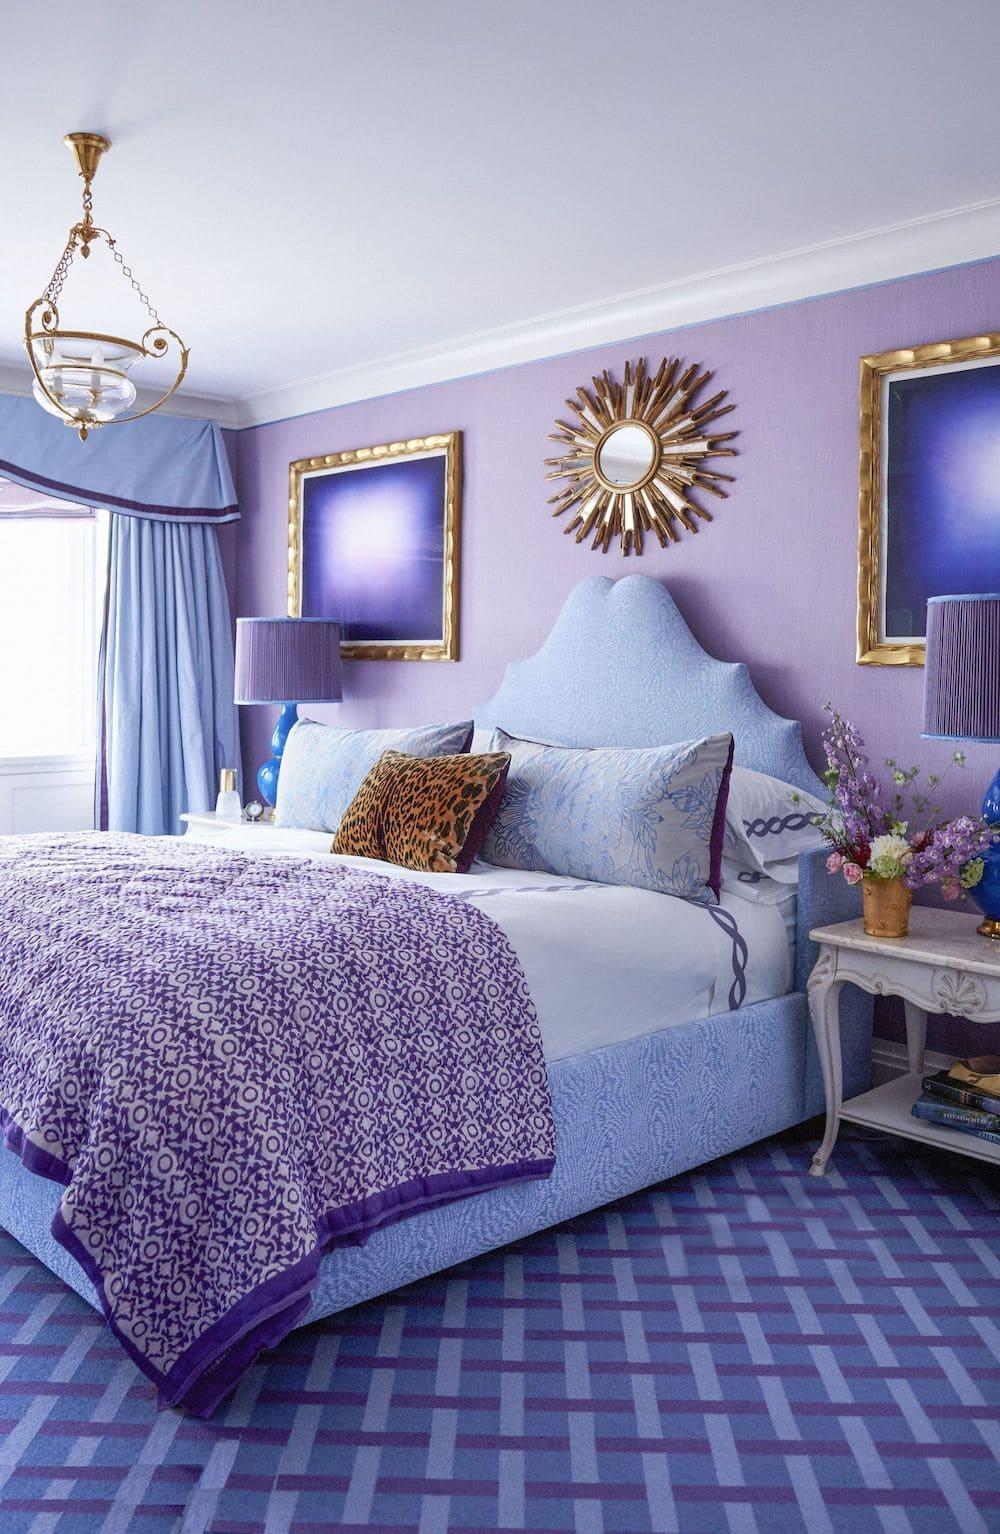 фиолетовый цвет в интерьере фото 11